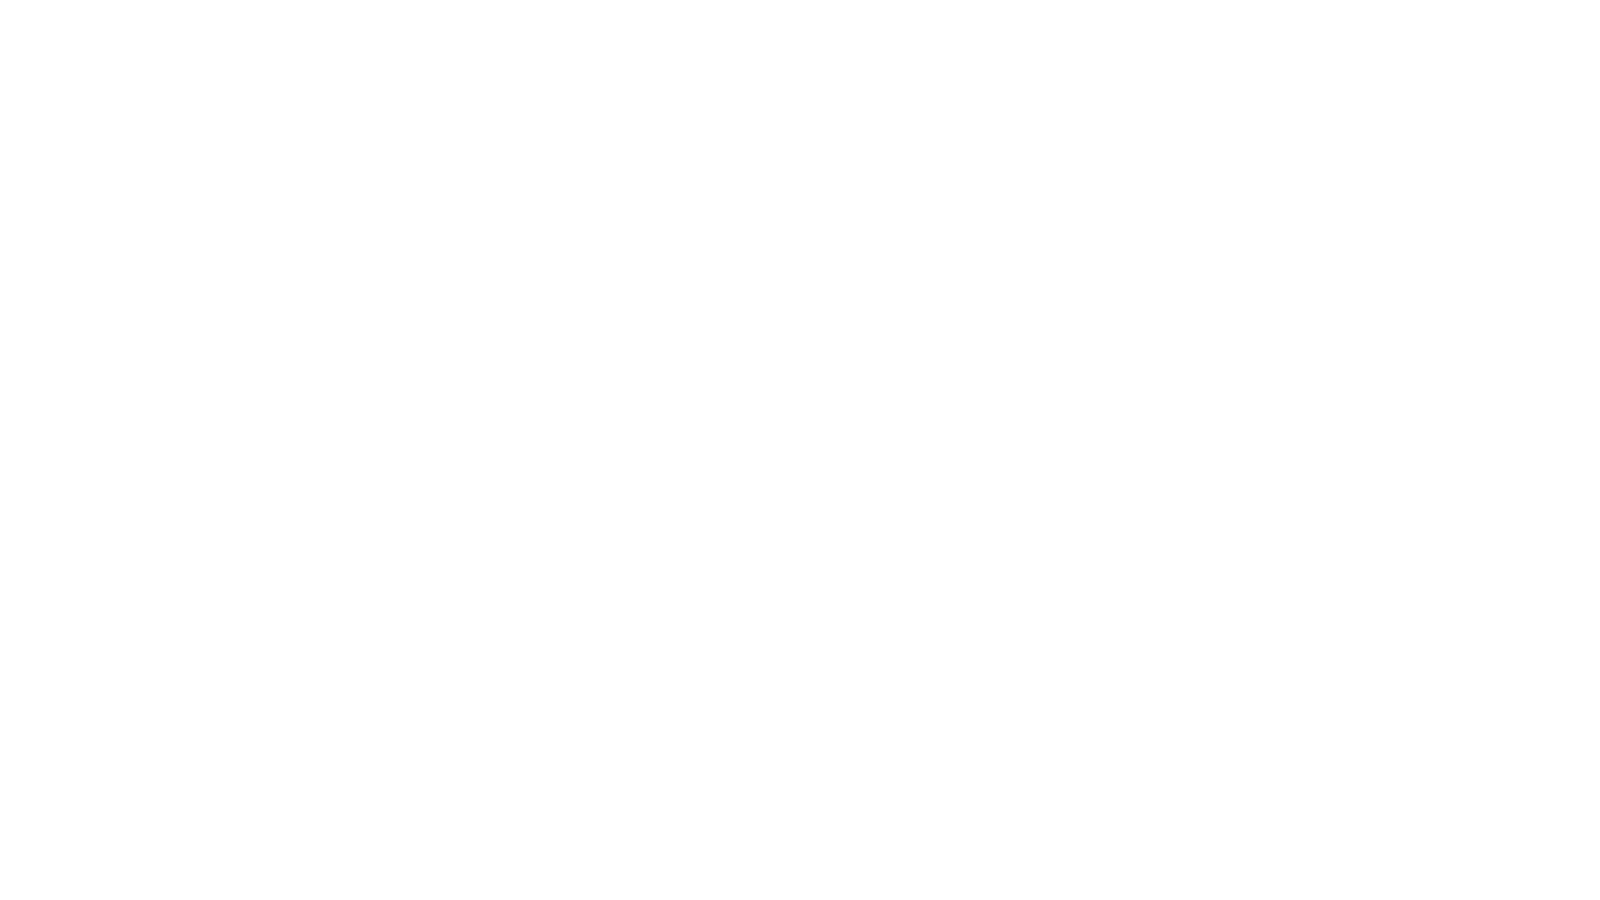 """Ngobrol Pintar di Museum Kebangkitan Nasional Podcast episode 6 kali ini mengangkat tema """" Sejarah Jalur Rempah Nusantara"""". Dengan menghadirkan dua narasumber yaitu Bondan Kanumoyoso yang merupakan Dosen Sejarah dari Universitas Indonesia dan seorang sejarawan sekaligus budayawan Wenri Wanhar. Dengan dimoderatori oleh Agus Susanto, podcast kali ini memberikan sajian terkait kekayaan sumber daya alam di Nusantara yang melatarbelakangi penjelajahan bangsa Barat dan dinamika interaksi masyarakat Nusantara dengan bangsa asing. . . Jangan lupa untuk like, comment, dan subscribe channel Youtube Museum Kebangkitan Nasional ya! . . Ikuti kami juga di : Instagram : https://www.instagram.com/muskitnasofficial/ Facebook : https://web.facebook.com/muskitnas1908.id/ Website : http://muskitnas.net/"""